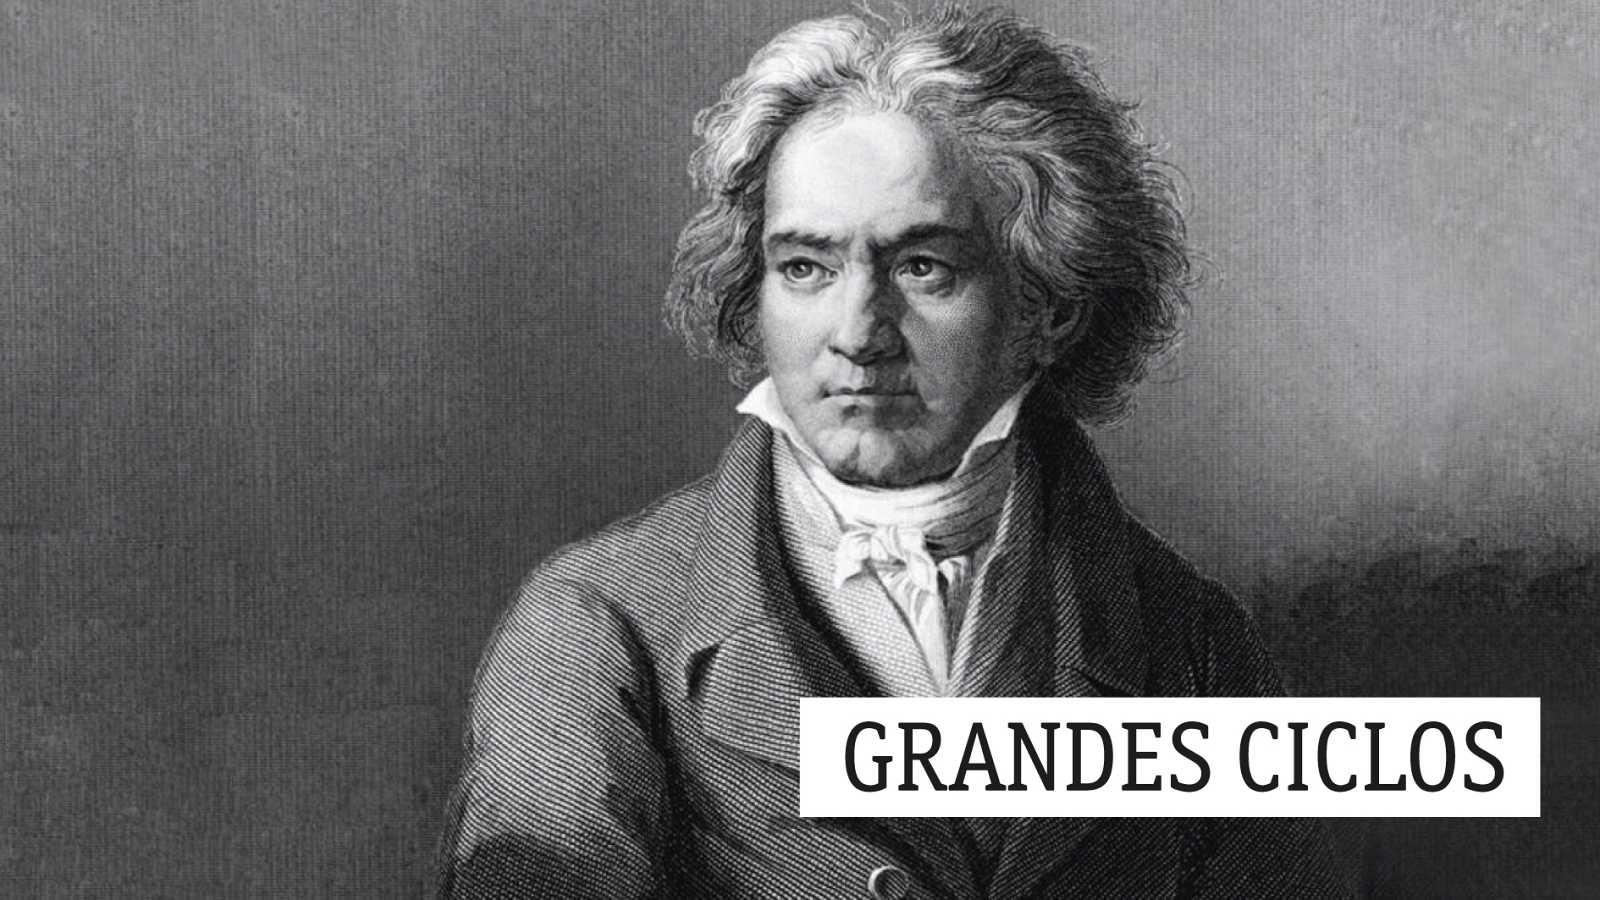 Grandes ciclos - L. van Beethoven (CXXXVI): Dies faustus - 25/12/20 - escuchar ahora